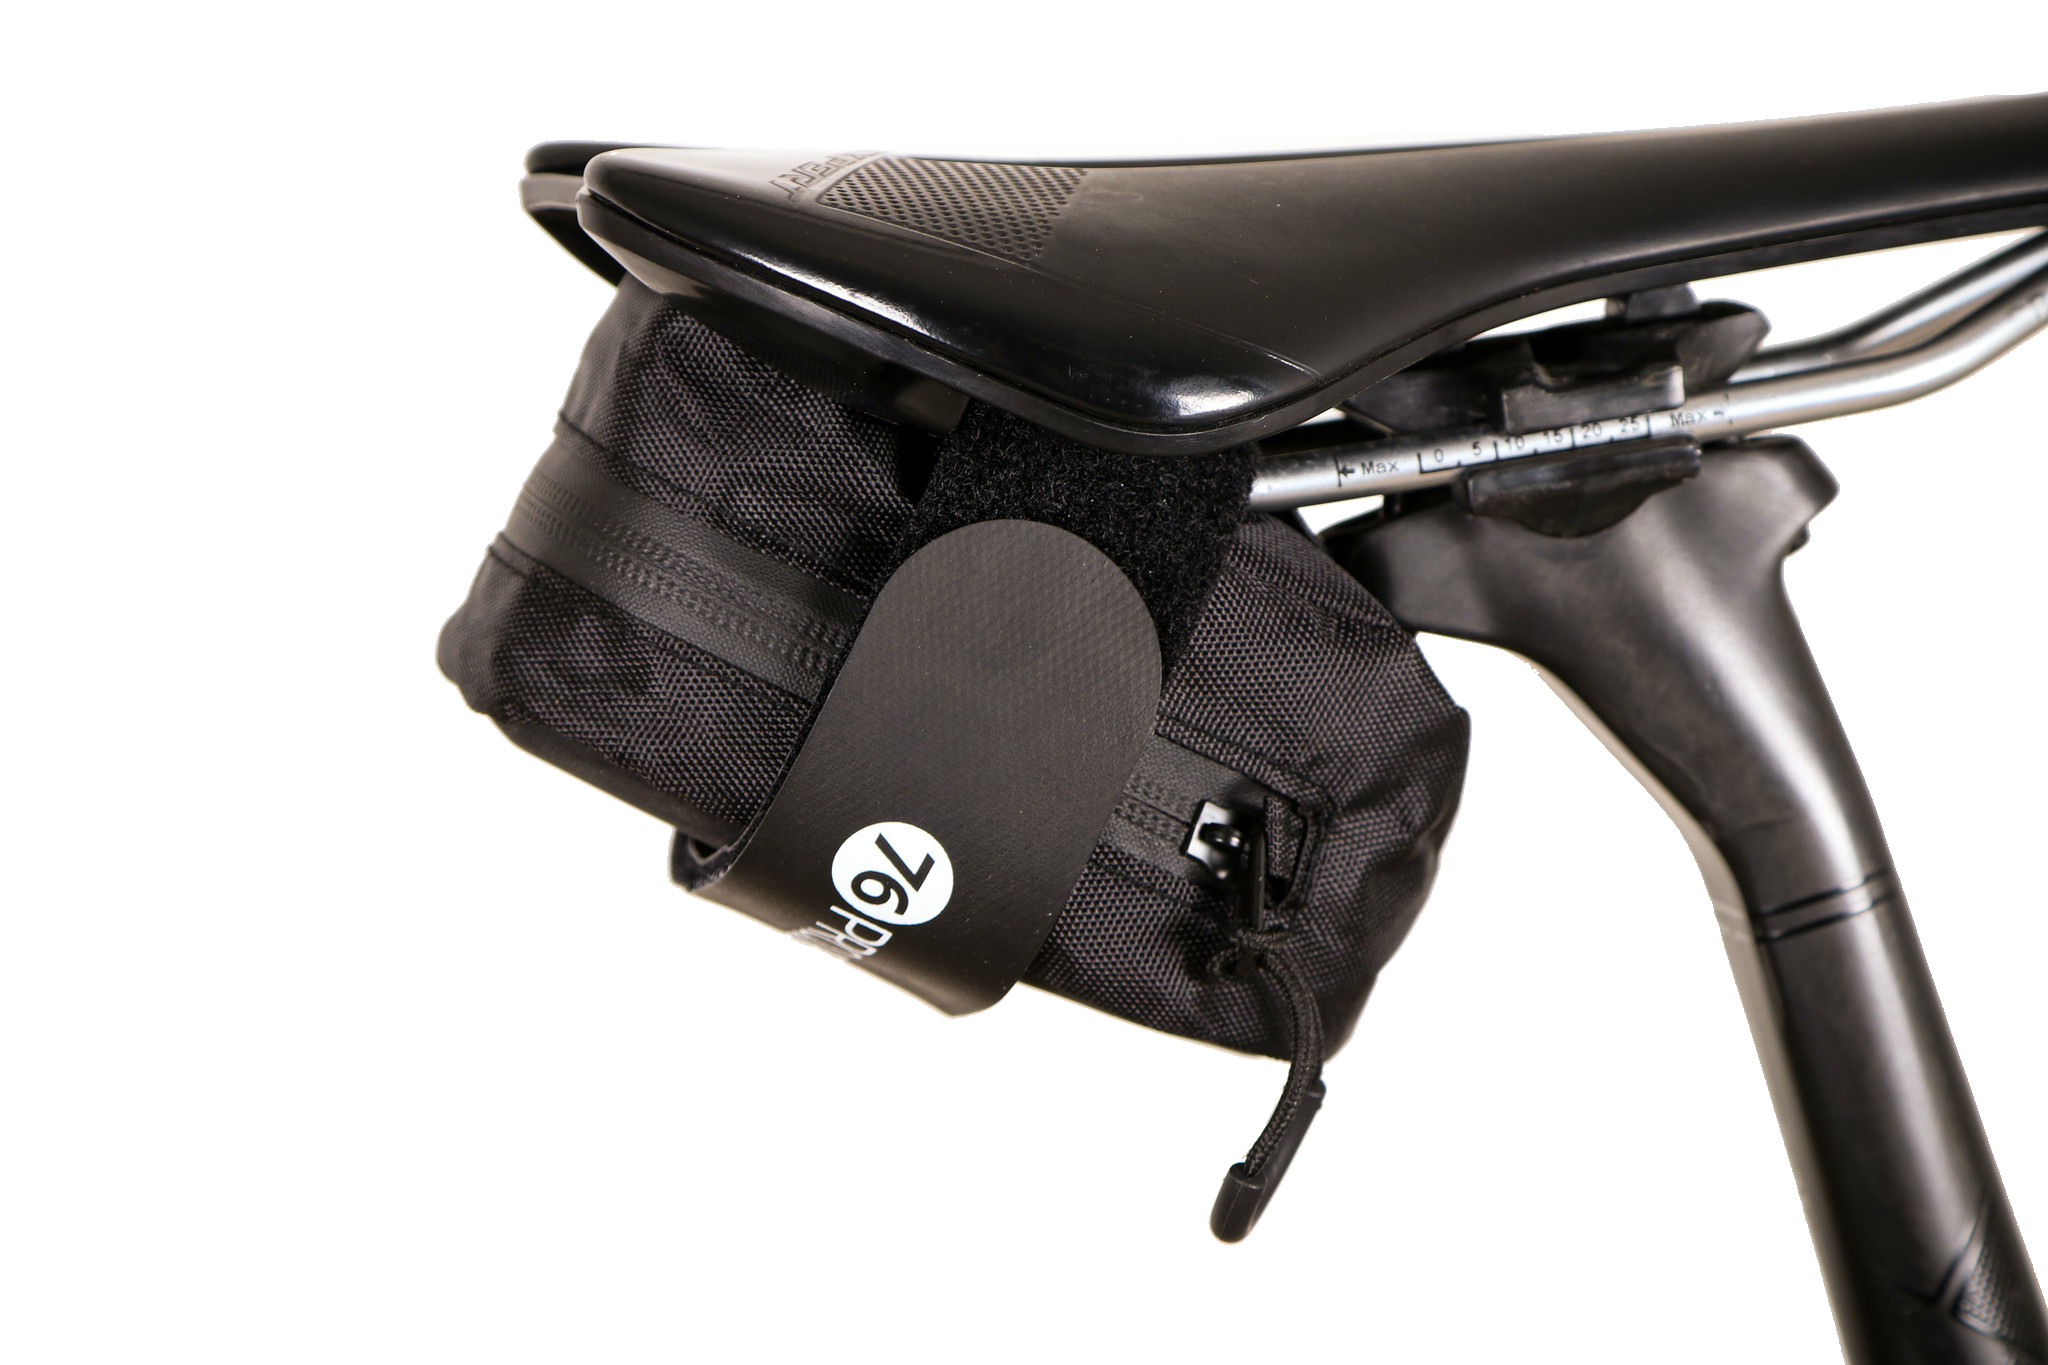 76 Projects Piggy Zip Case On Bike Storage-1